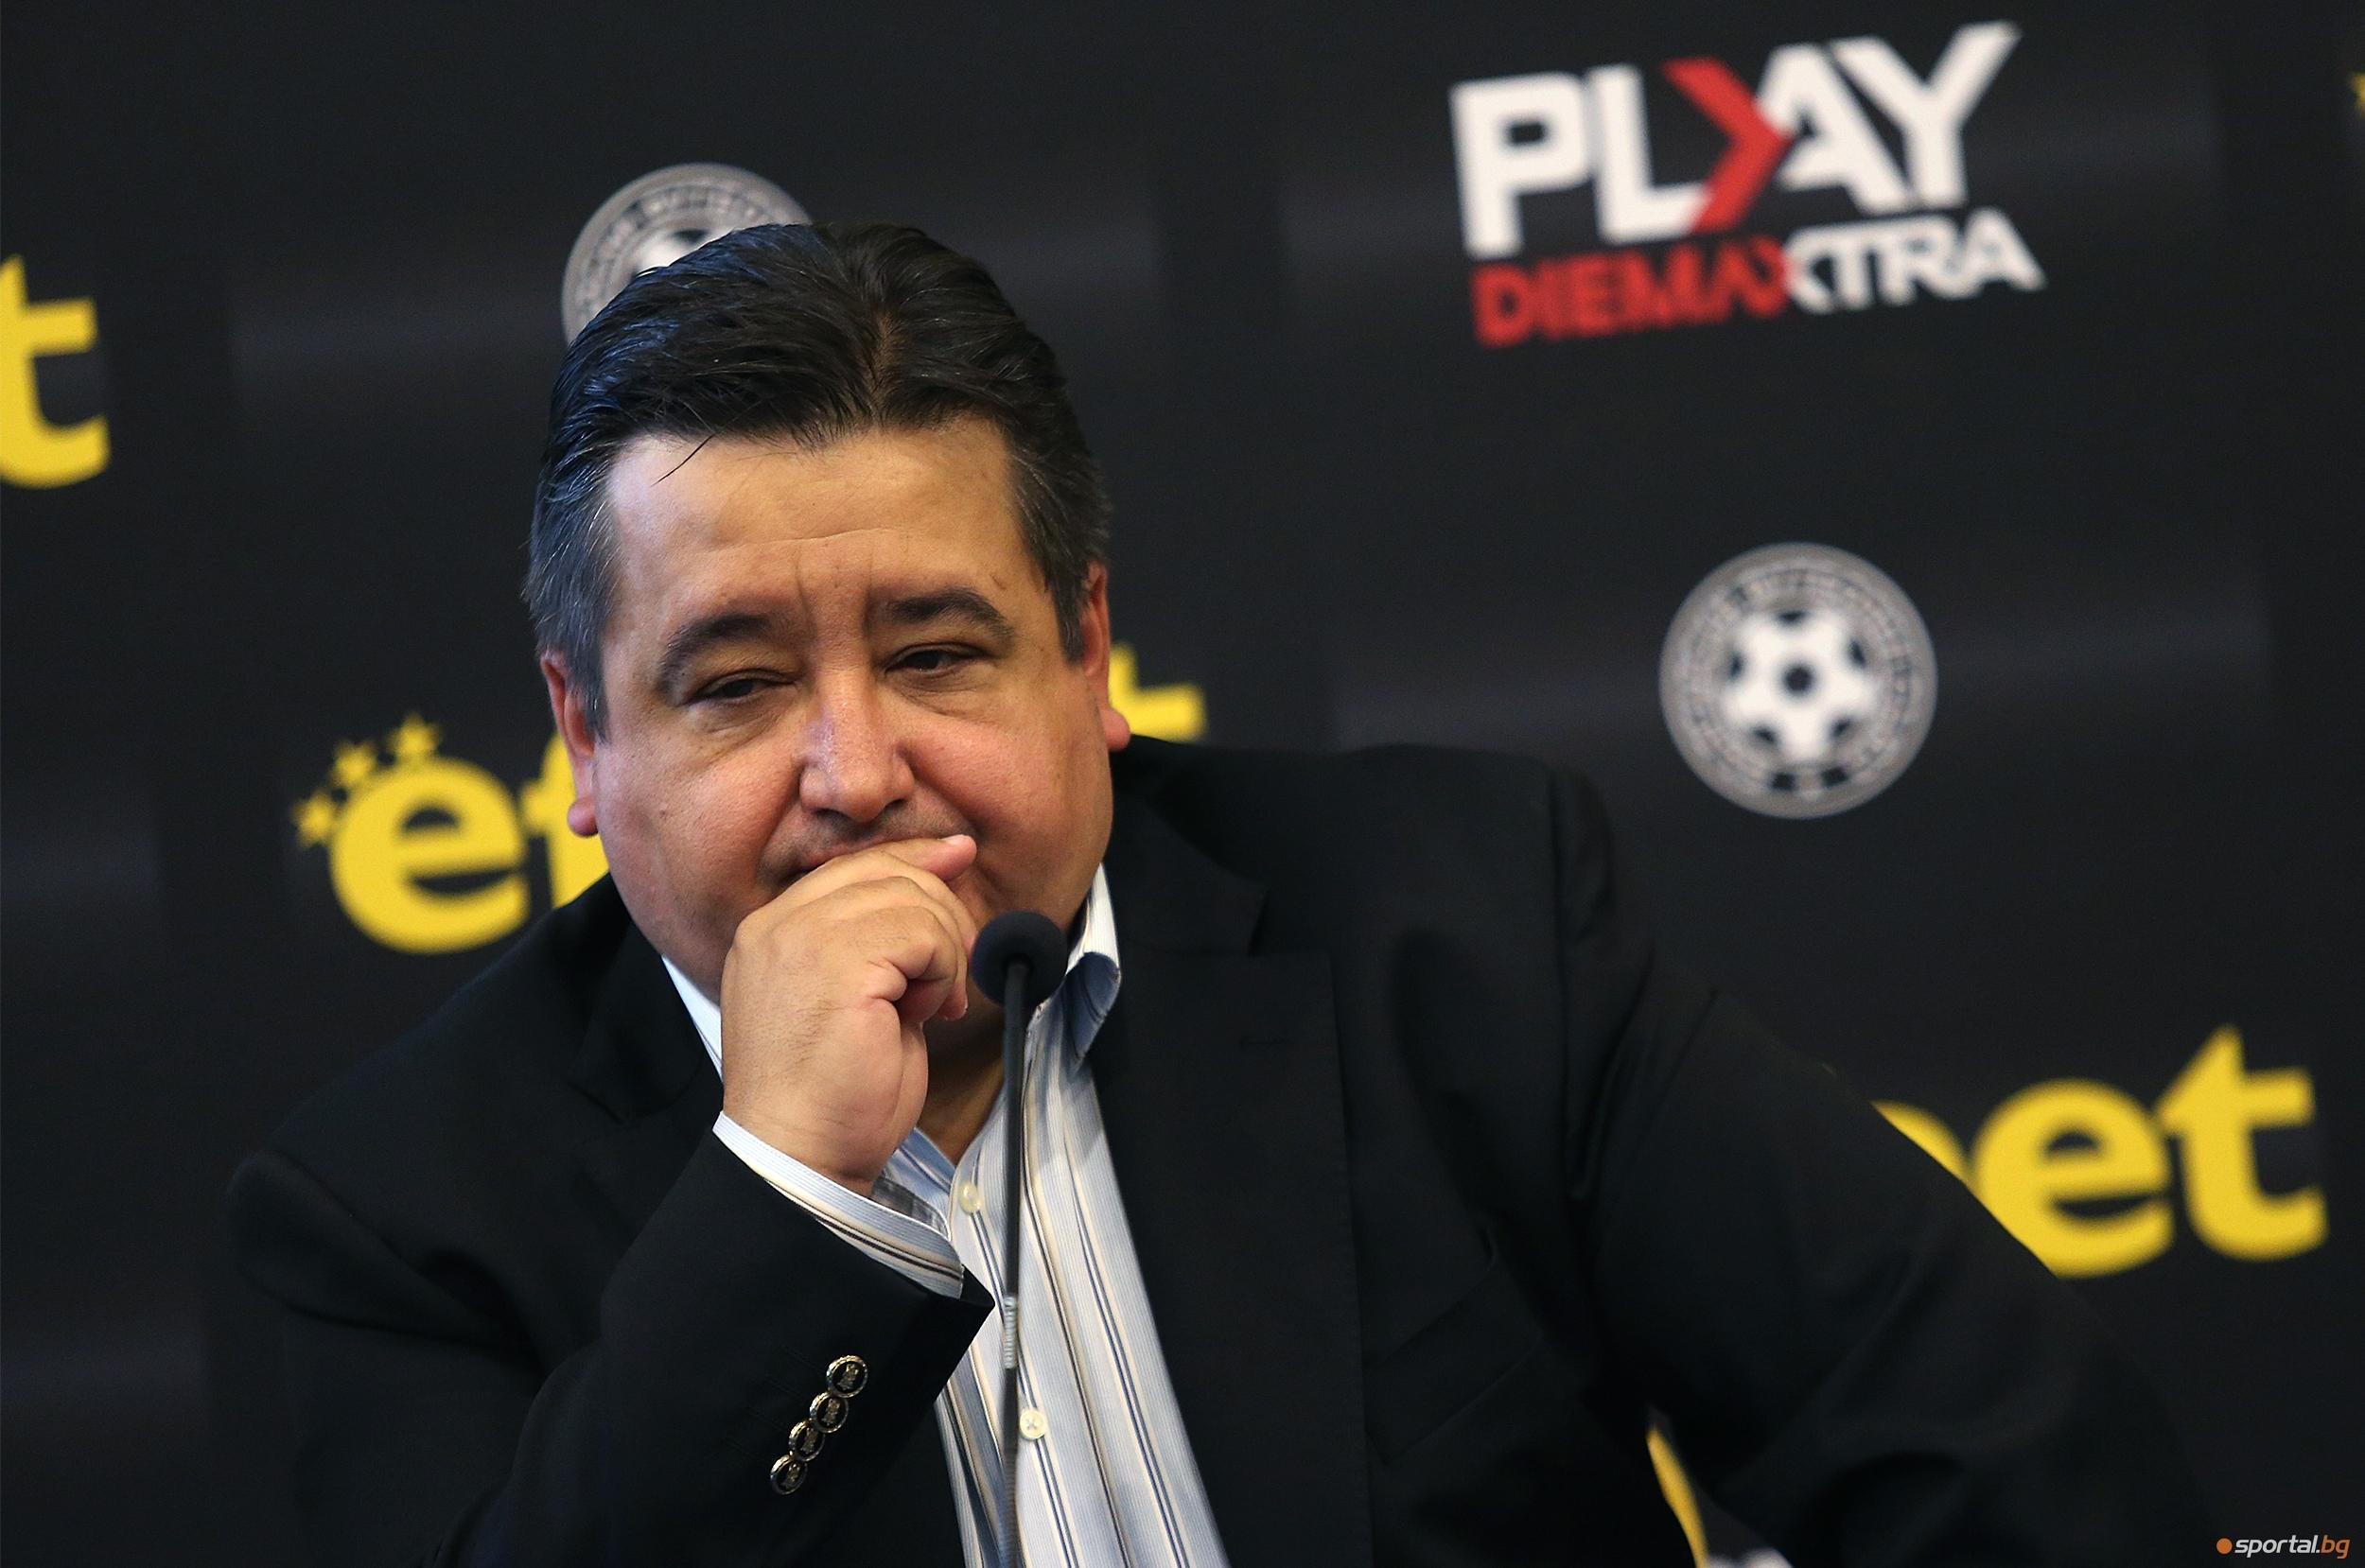 Генералният секретар на ПФЛ Атанас Караиванов заяви, че всяко забавяне